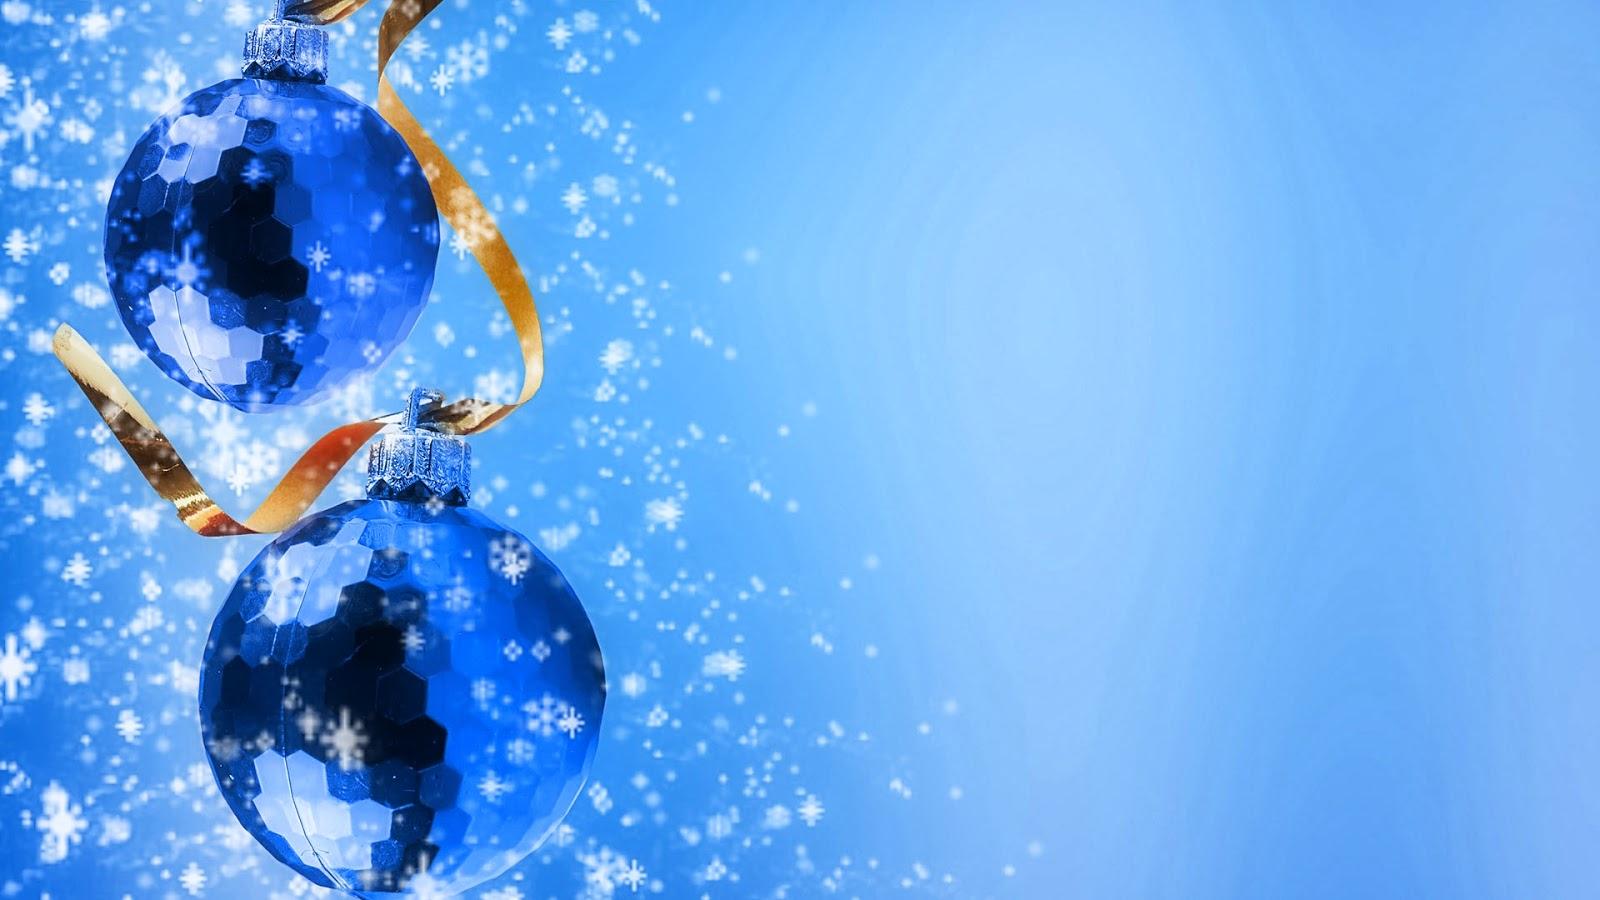 Fondo de Pantalla Navidad bolas de colores azules : Imagenes Hilandy